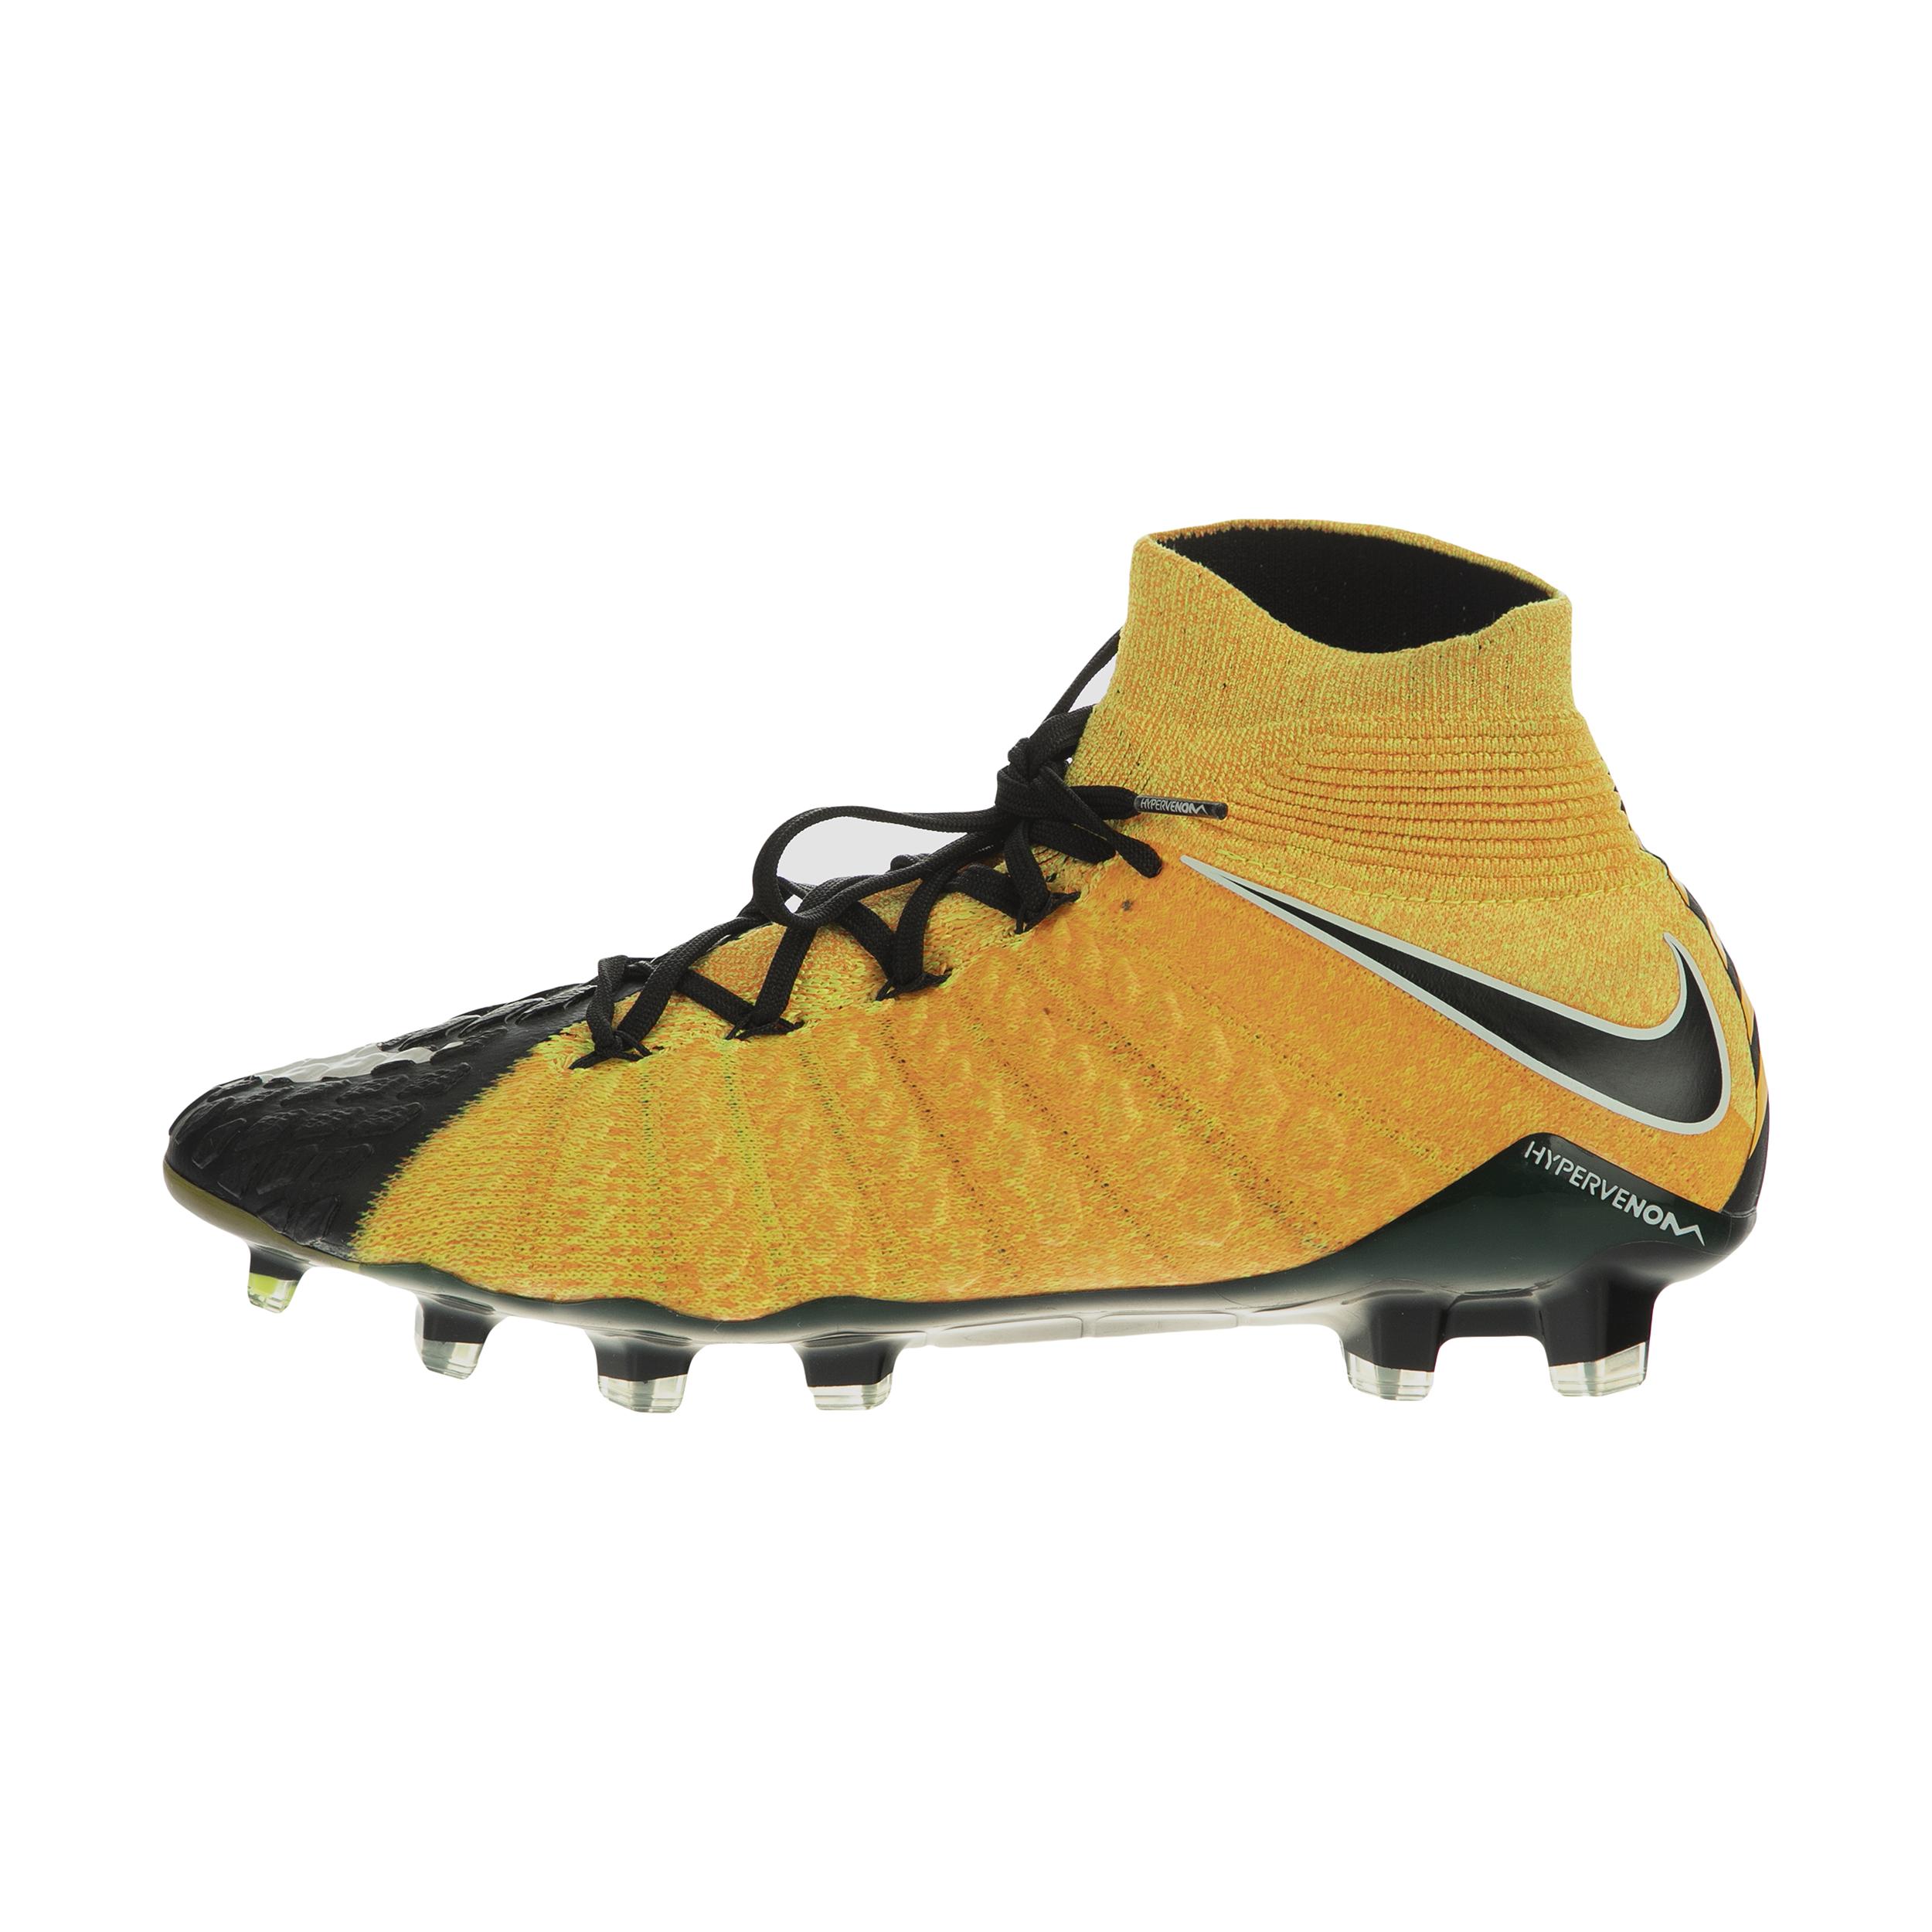 خرید                     کفش فوتبال مردانه نایکی کد 860643-801